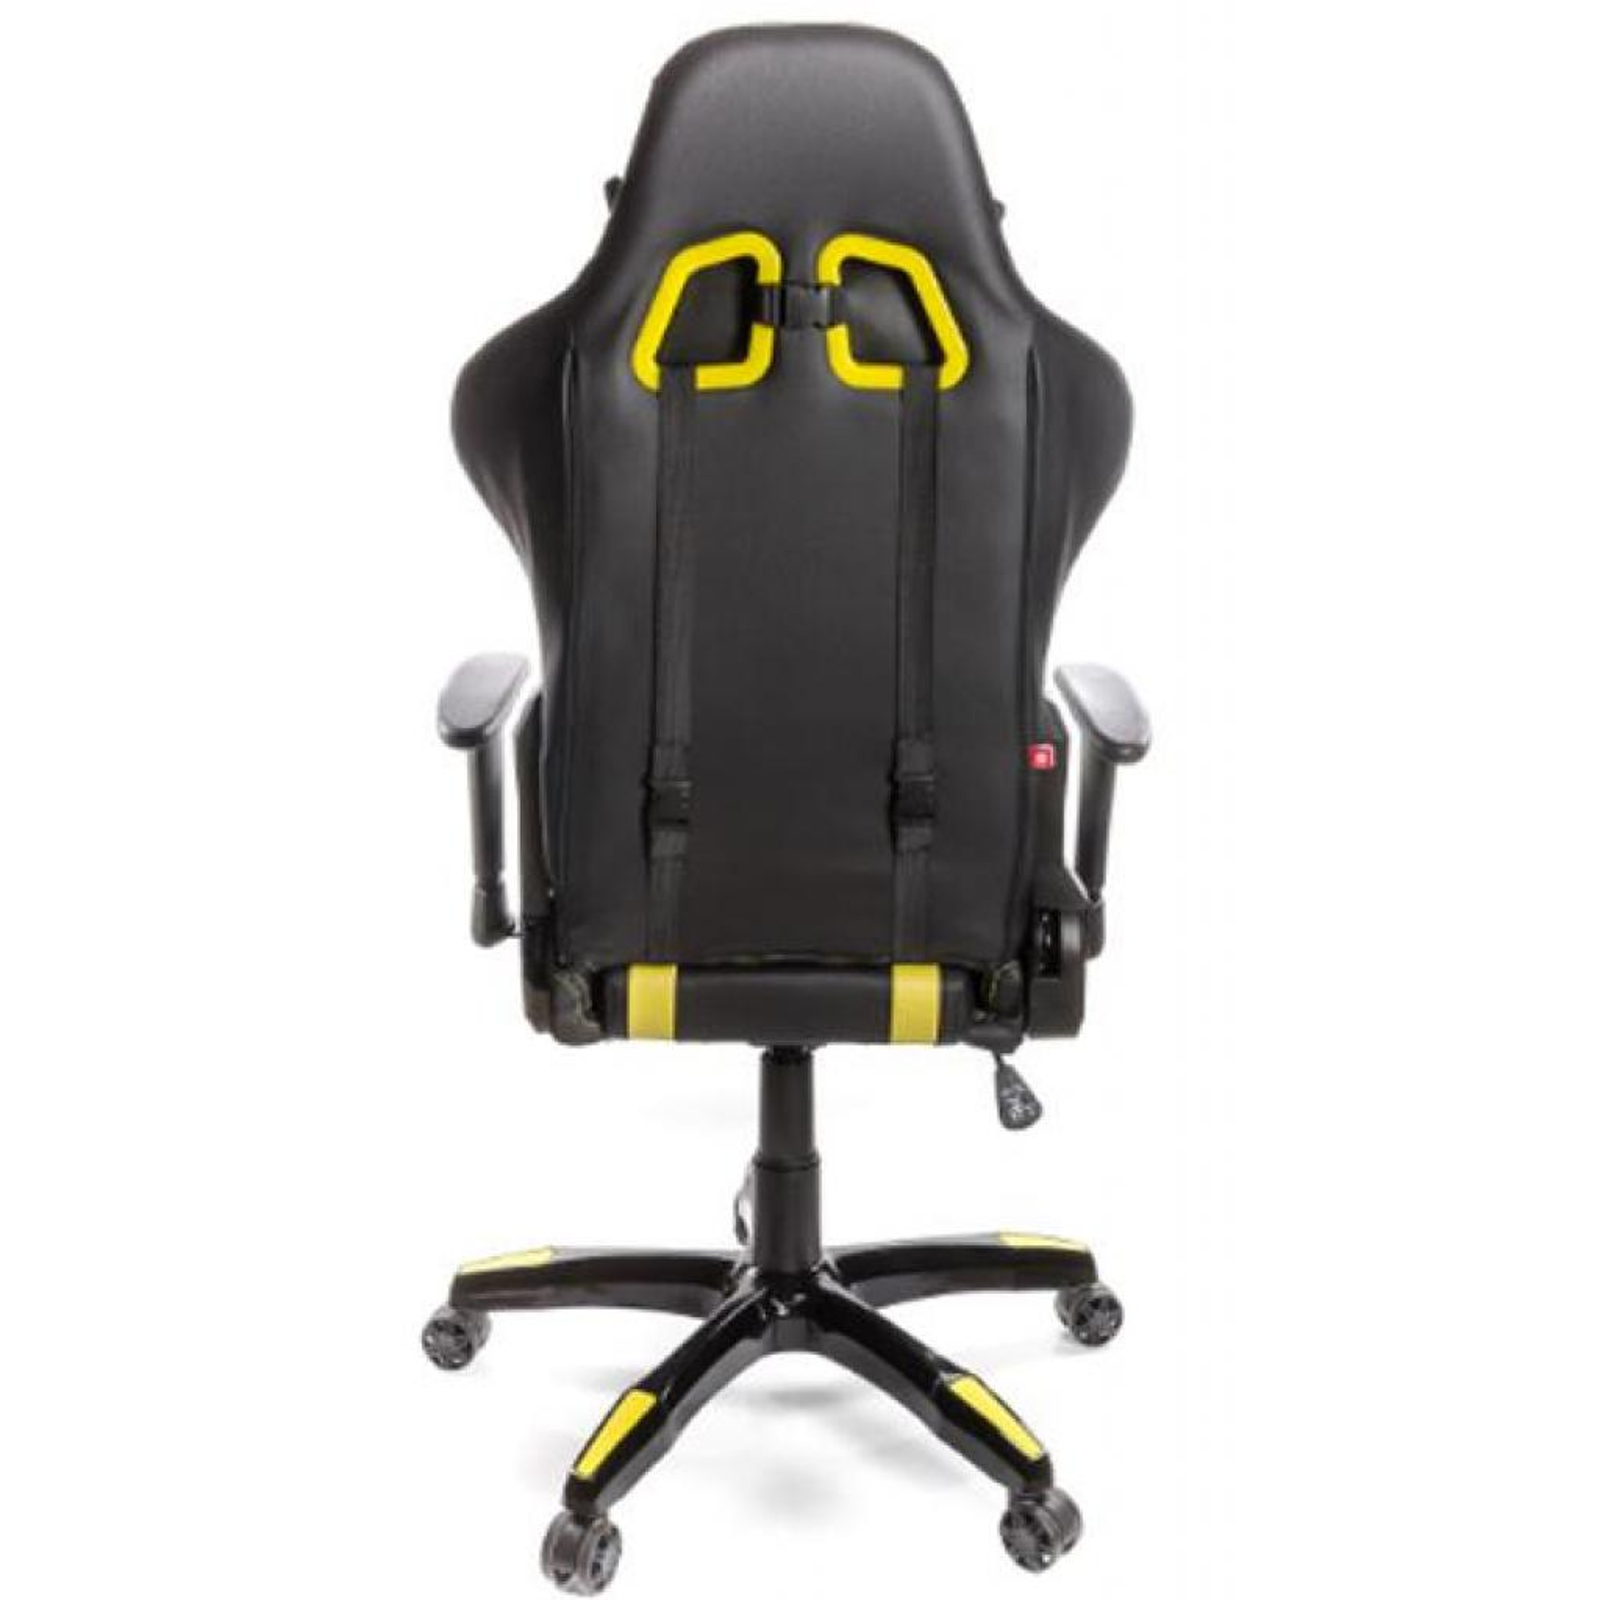 Кресло игровое АКЛАС Стрик PL RL Желтое (06149) изображение 4